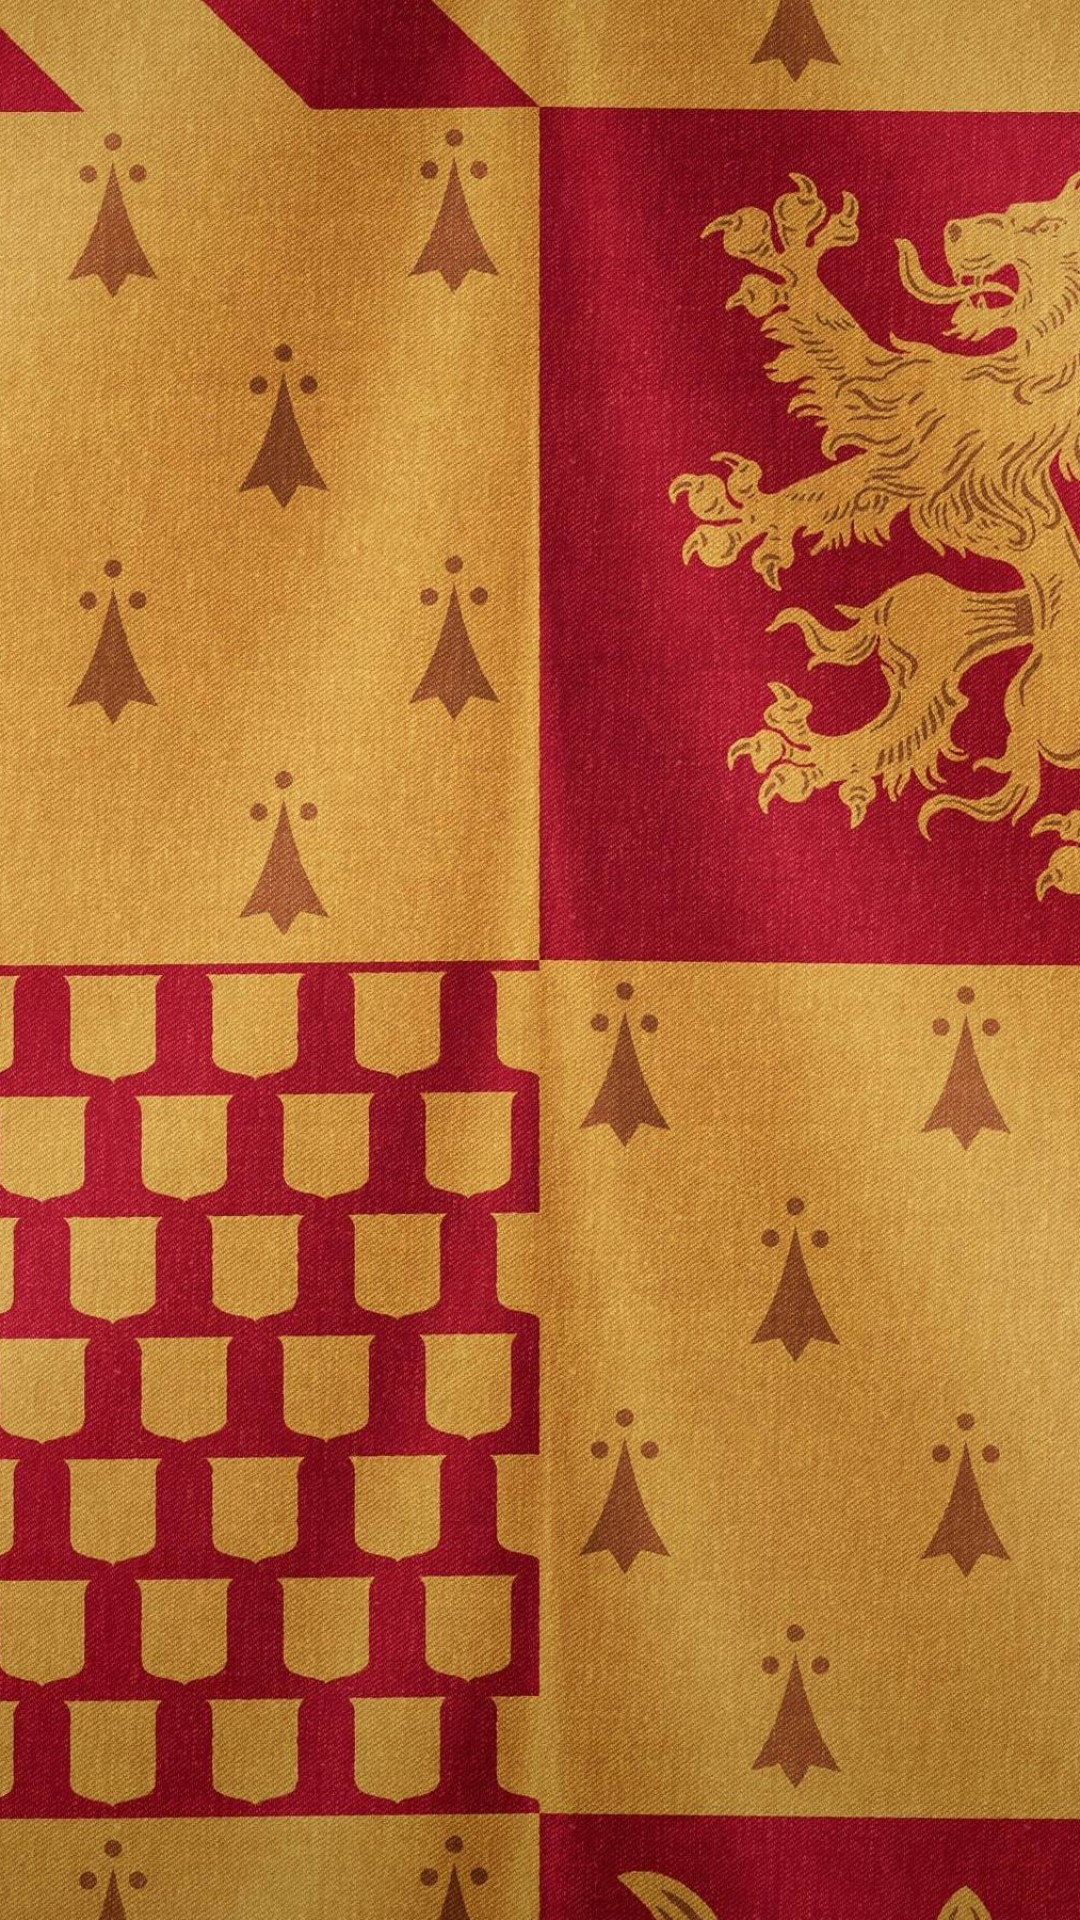 Good Wallpaper Harry Potter Artsy - 142395  Gallery_968312.jpg